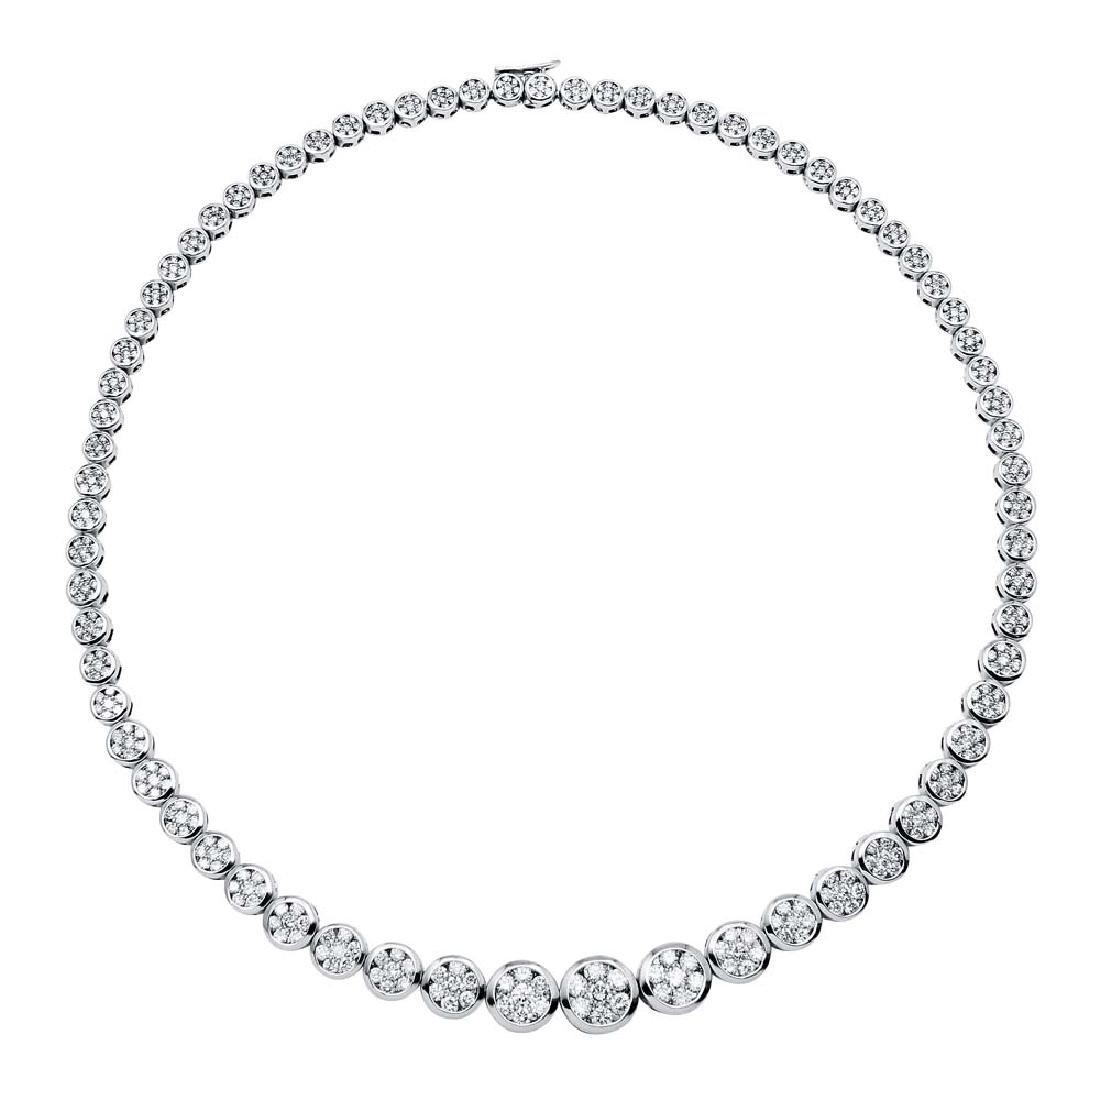 13 CTW White Round Diamond Necklace 18K White Gold